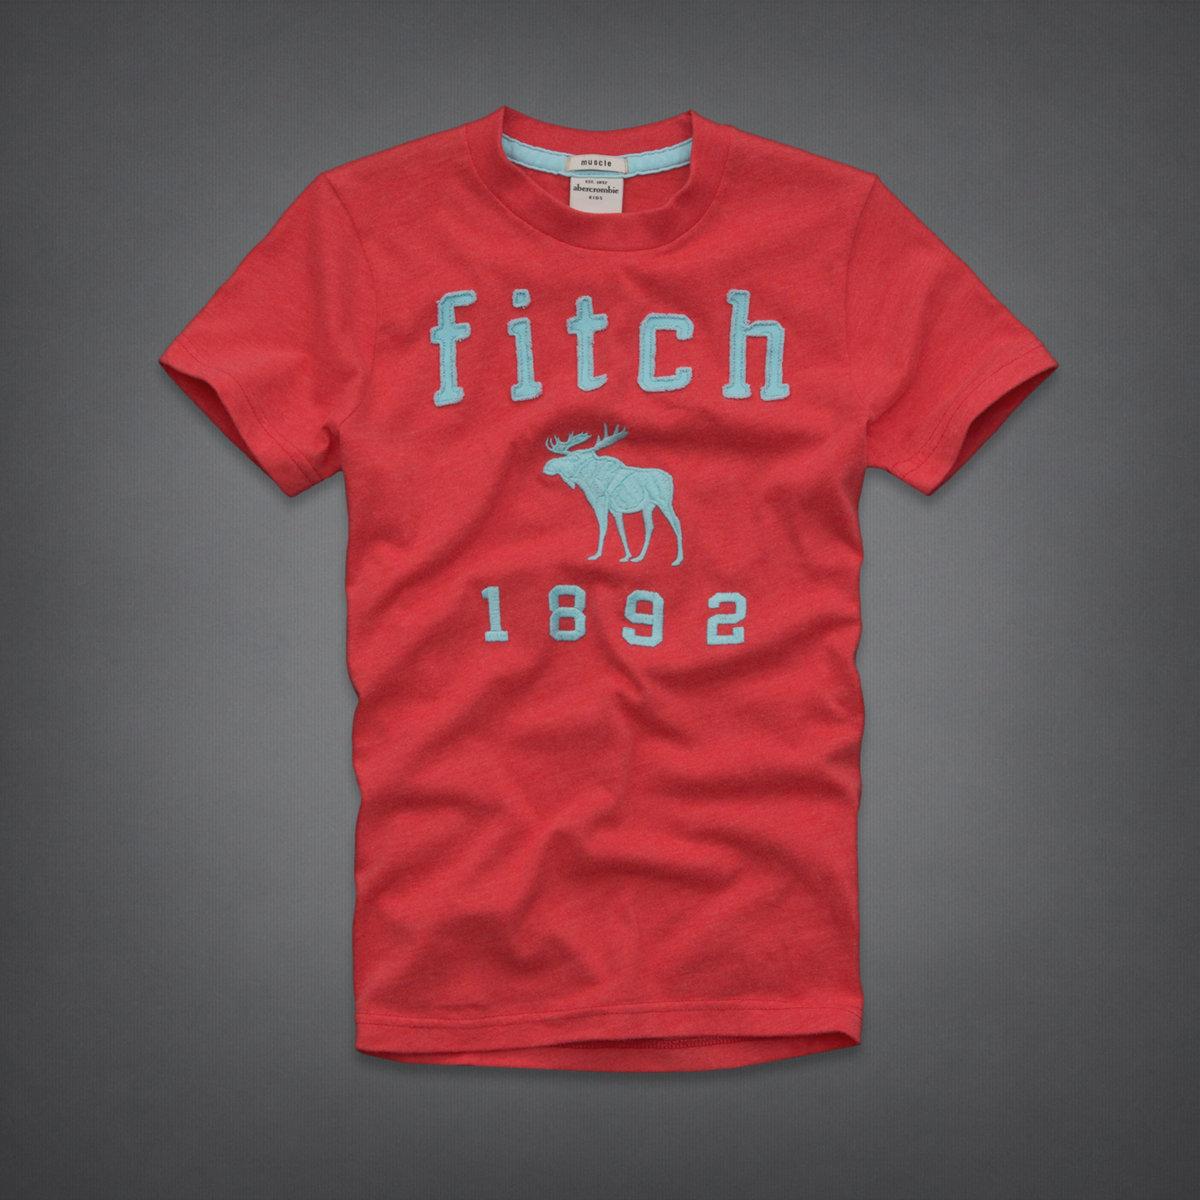 美國百分百【全新真品】Abercrombie & Fitch T恤 AF 短袖 T-shirt 麋鹿 紅 Logo 男 女 Kids XS號